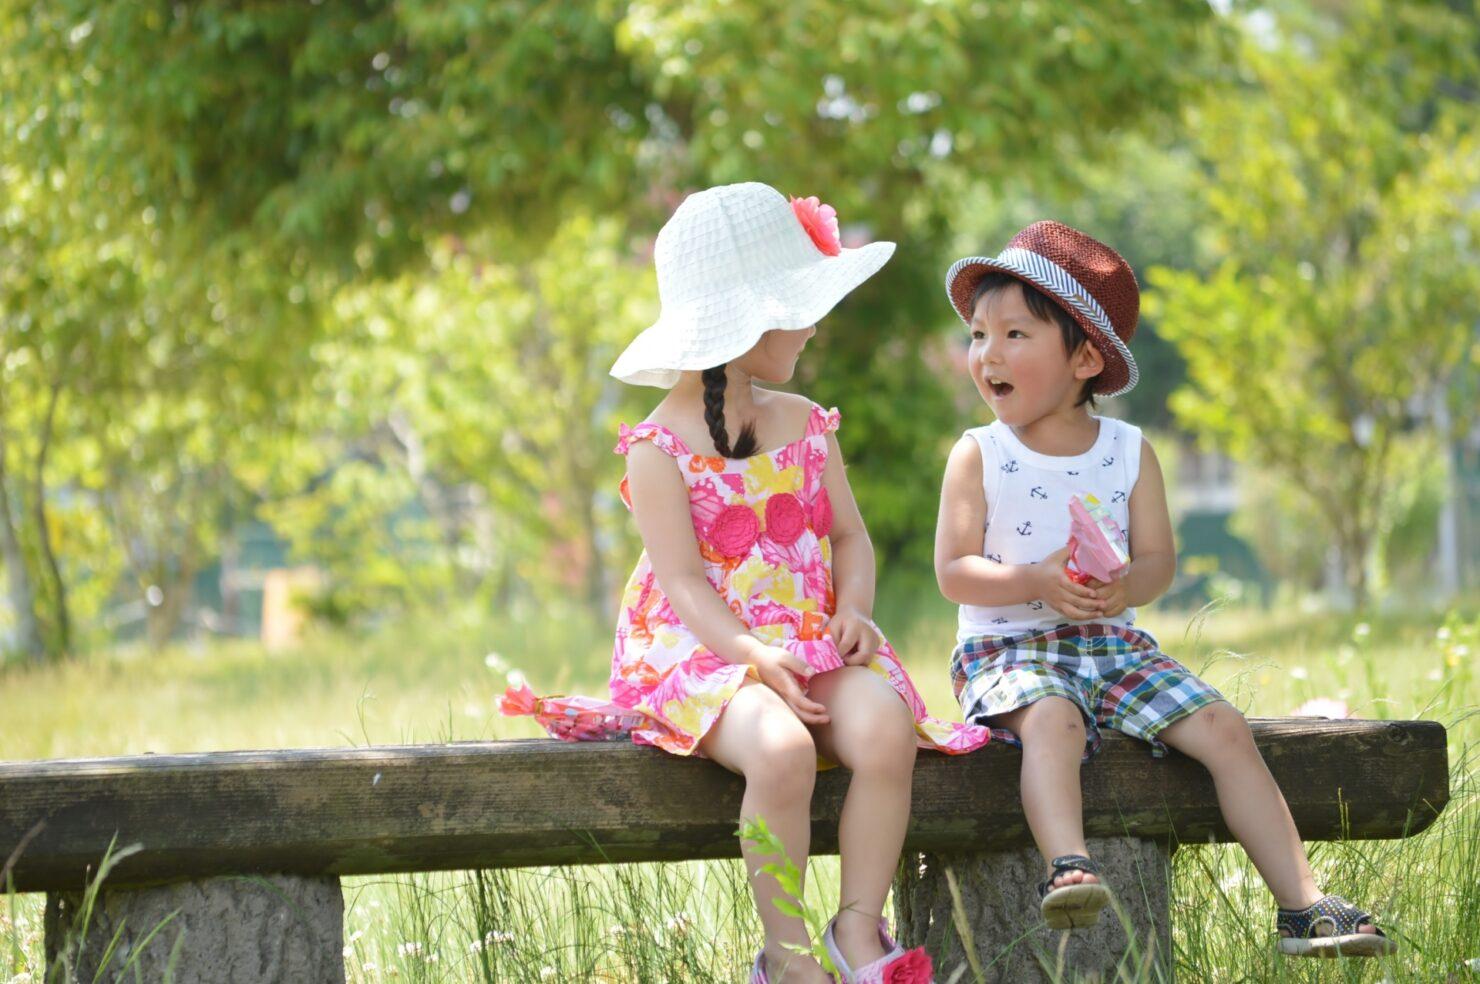 安くてかわいい子供服でおしゃれを楽しもう!